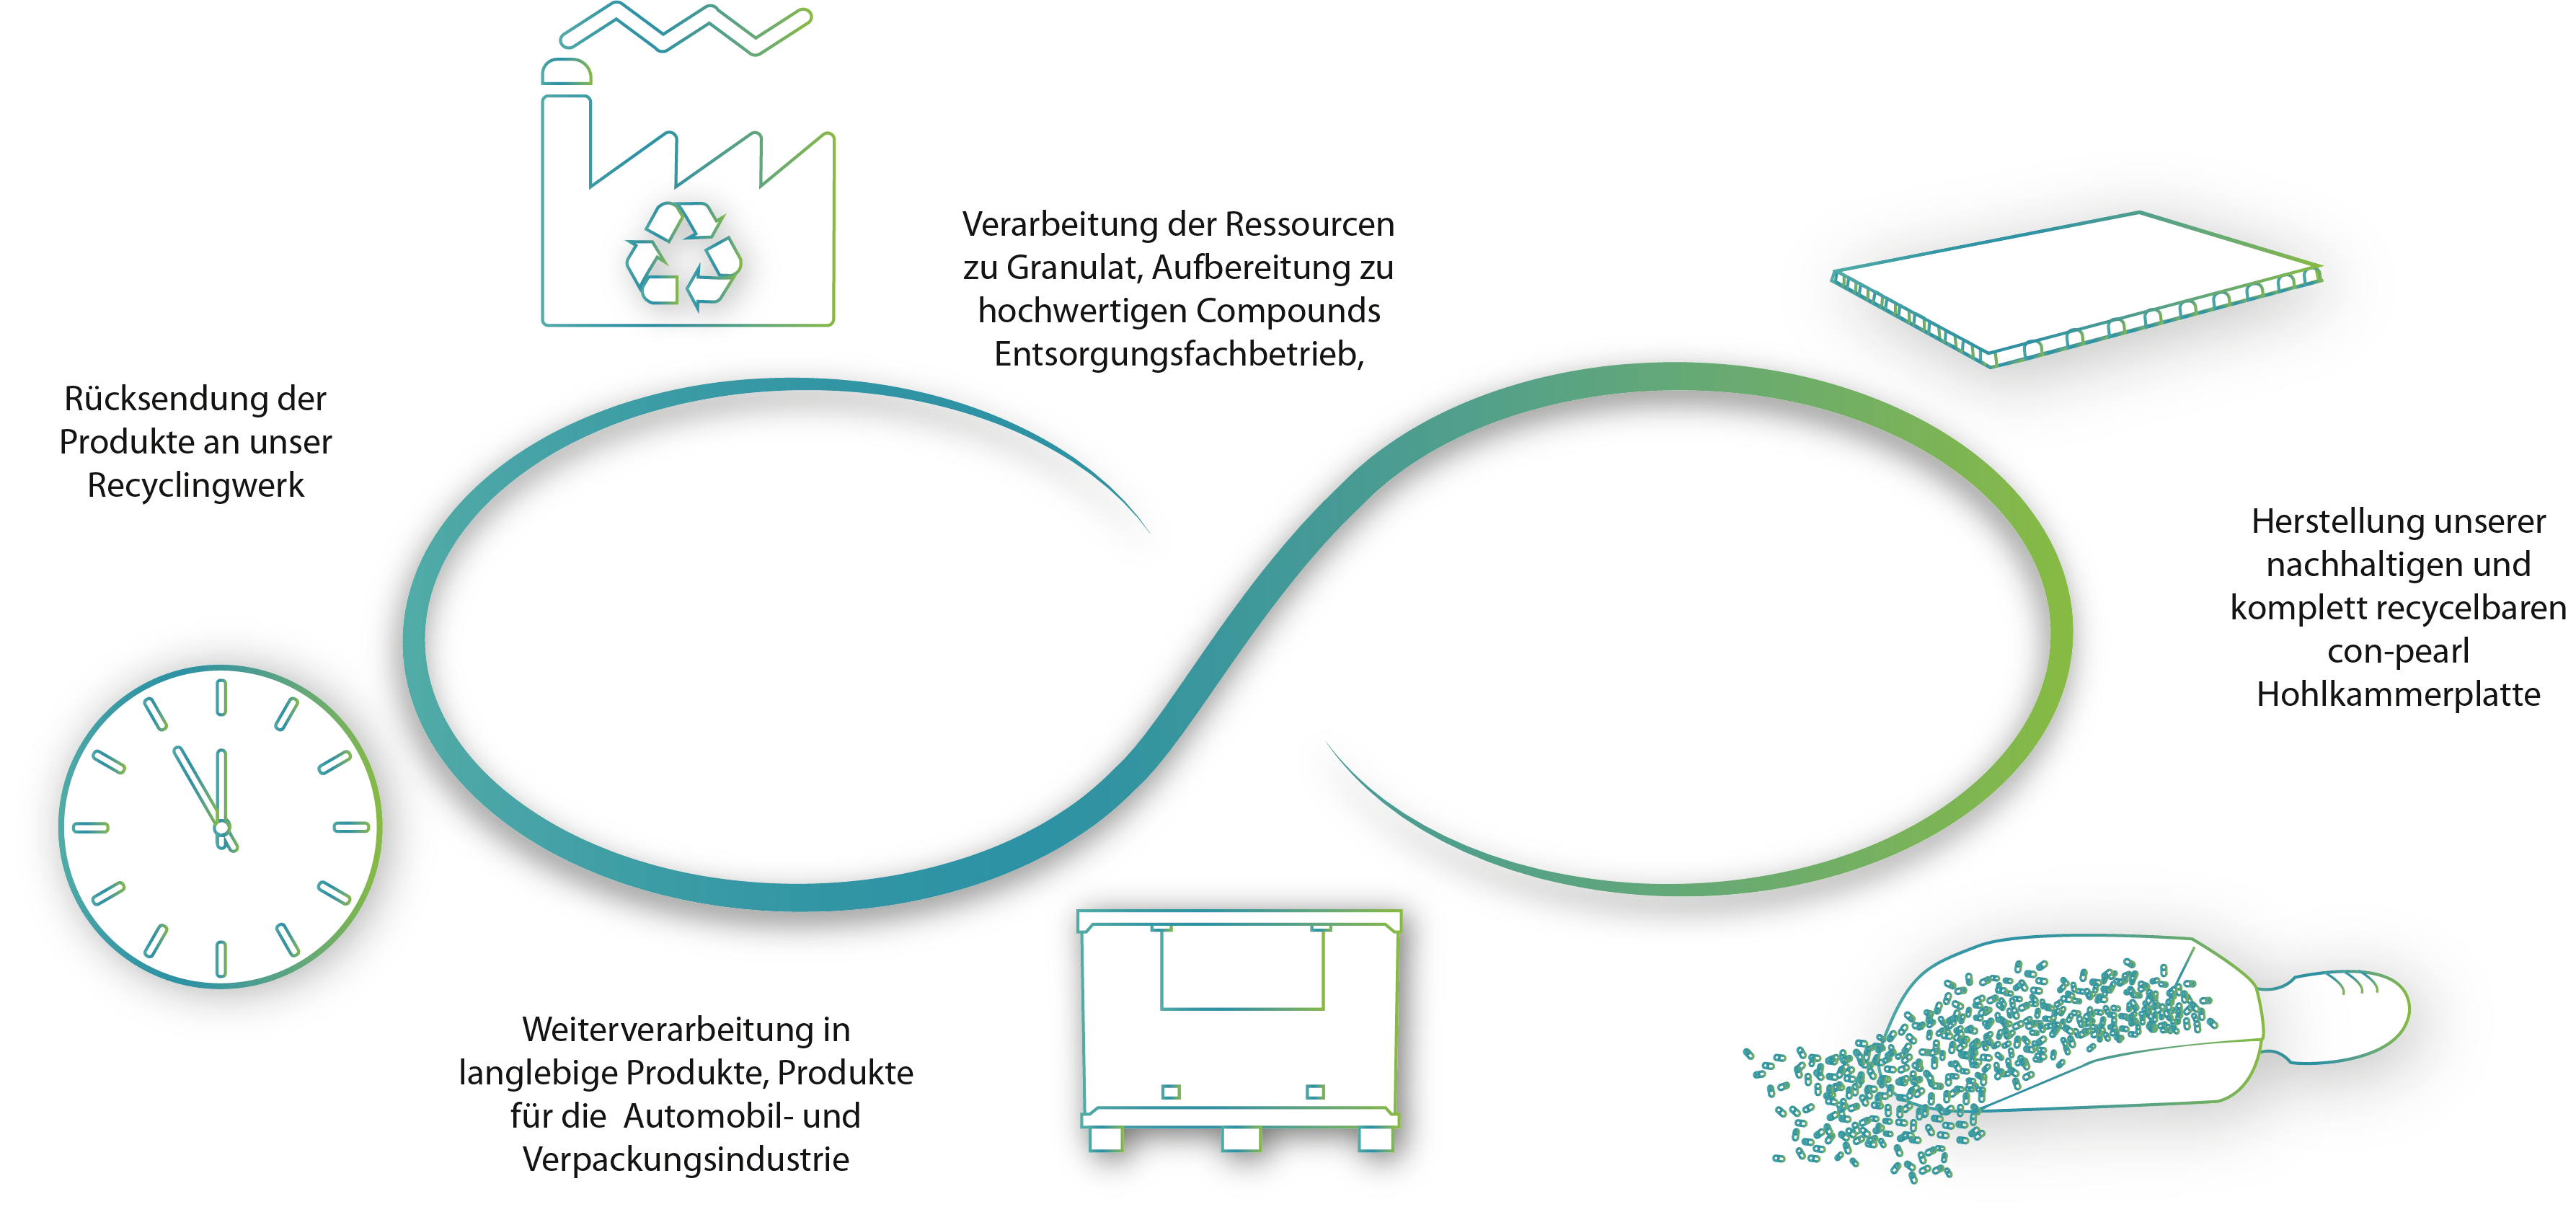 wertschoepfungskreislauf con-pearl eco-loop